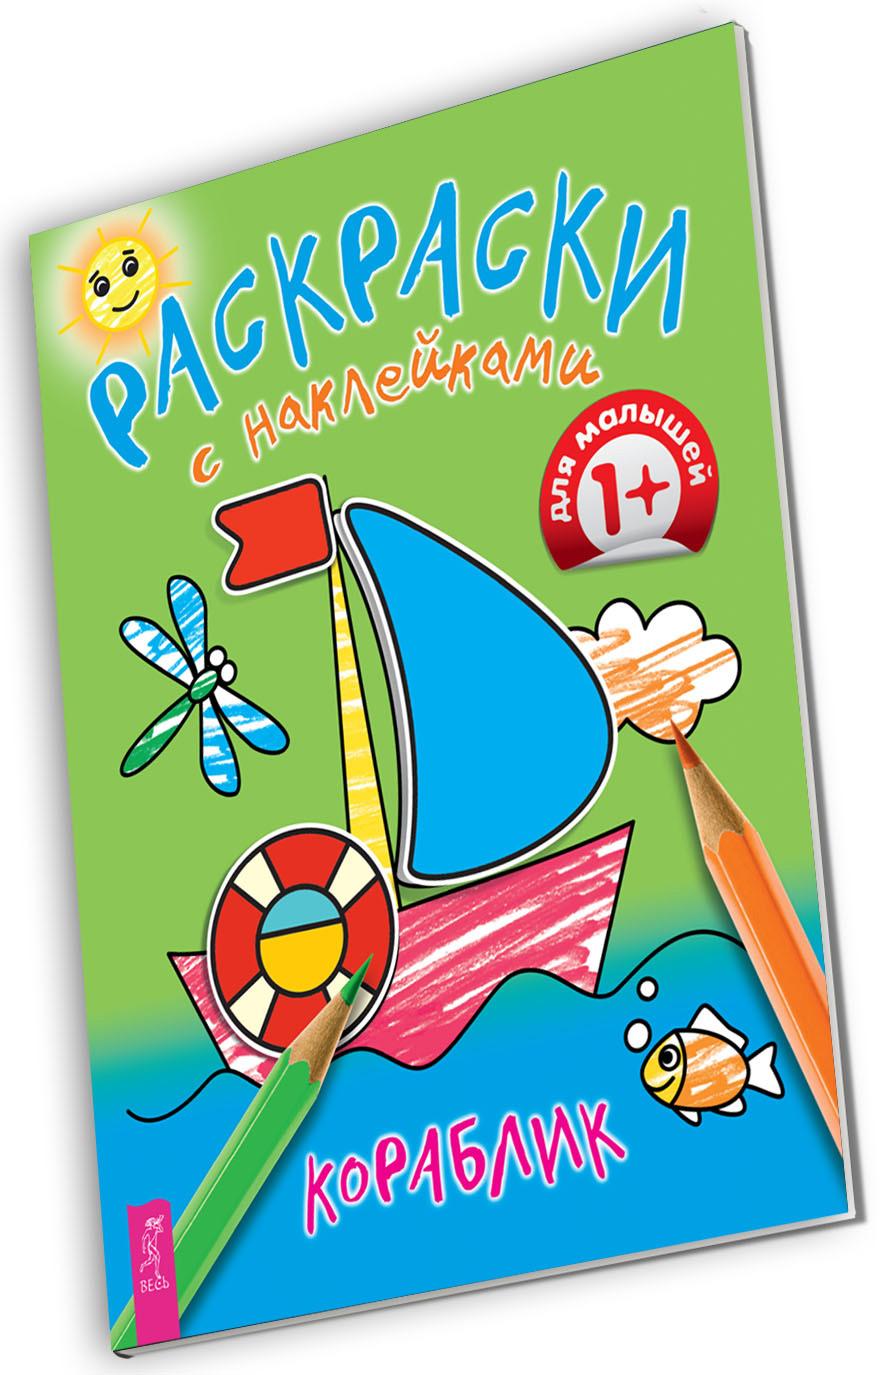 Кораблик. Раскраска с наклейками12296407Серия Раскраски с наклейками для малышей создана для детей самого раннего возраста. Она объединяет любимые занятия ребенка - рисование и приклеивание наклеек. Малыш уже держит в руке карандаш и готов рисовать, а также приклеивать в нужные места яркие наклейки большого размера - сам или с помощью взрослого. Картинки специально сделаны с толстым контуром, чтобы крохе было легче осваивать захватывающий процесс раскрашивания. Элементы рисунка, куда нужно приклеить наклейку, залиты фоном - так ребенок быстрее сообразит, какое место предназначено для наклейки. Все это способствует всестороннему развитию ребенка: - меткости и сообразительности; - точности и координации движений; - абстрактному мышлению и выстраиванию логических цепочек; - навыкам самостоятельной работы. Серия представлена книгами, которые будут интересны мальчикам и девочкам! Сюжеты охватывают все области детской жизни: разнообразные игрушки, праздничная тематика, мир животных и...